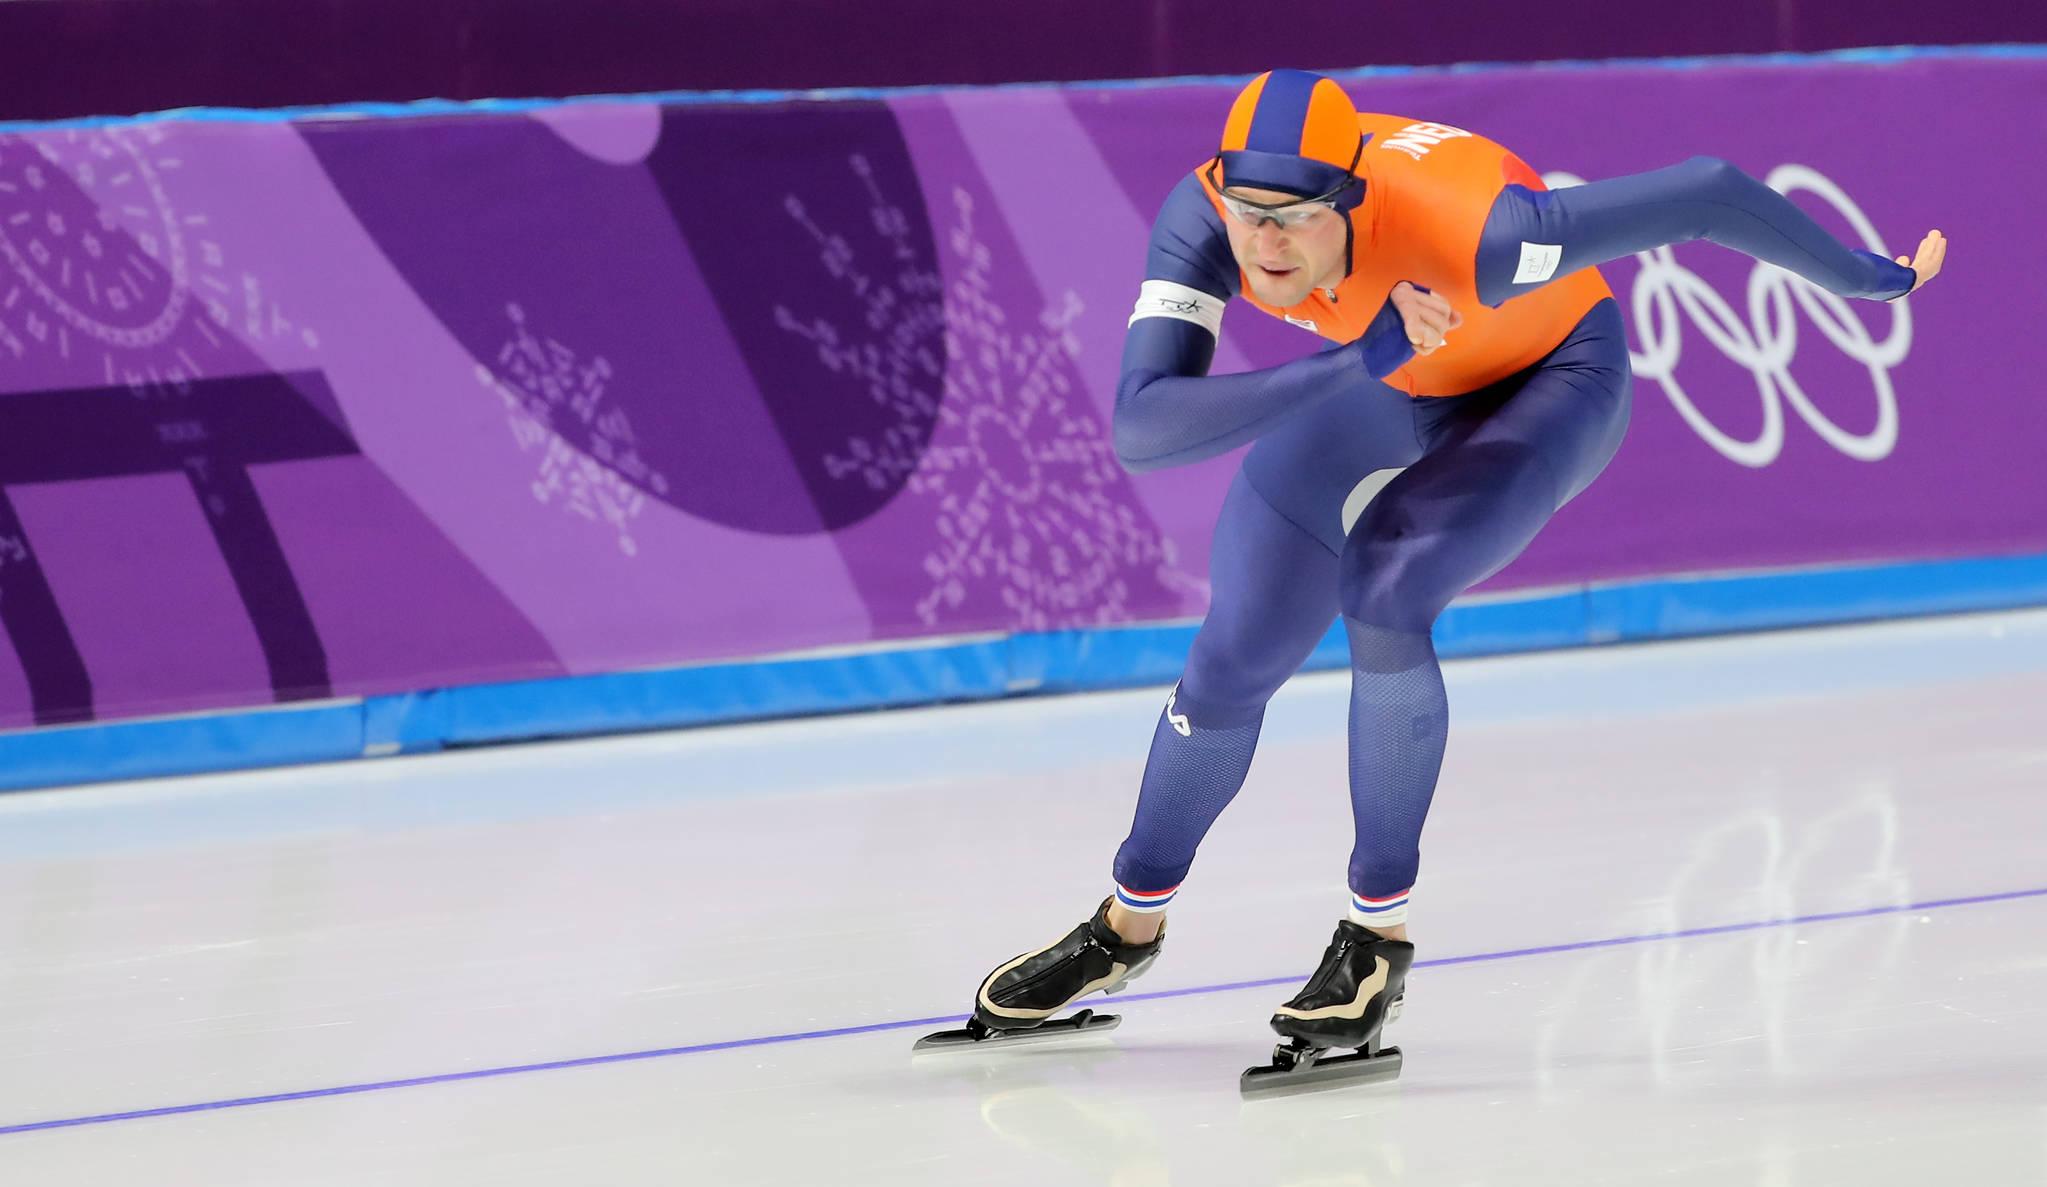 11일 강릉 스피드스케이트 경기장에서 열린 2018평창동계올림픽 스피드스케이팅 남자 5,000m에 출전한 네덜란드 스벤 크라머르가 질주하고 있다. [연합뉴스]